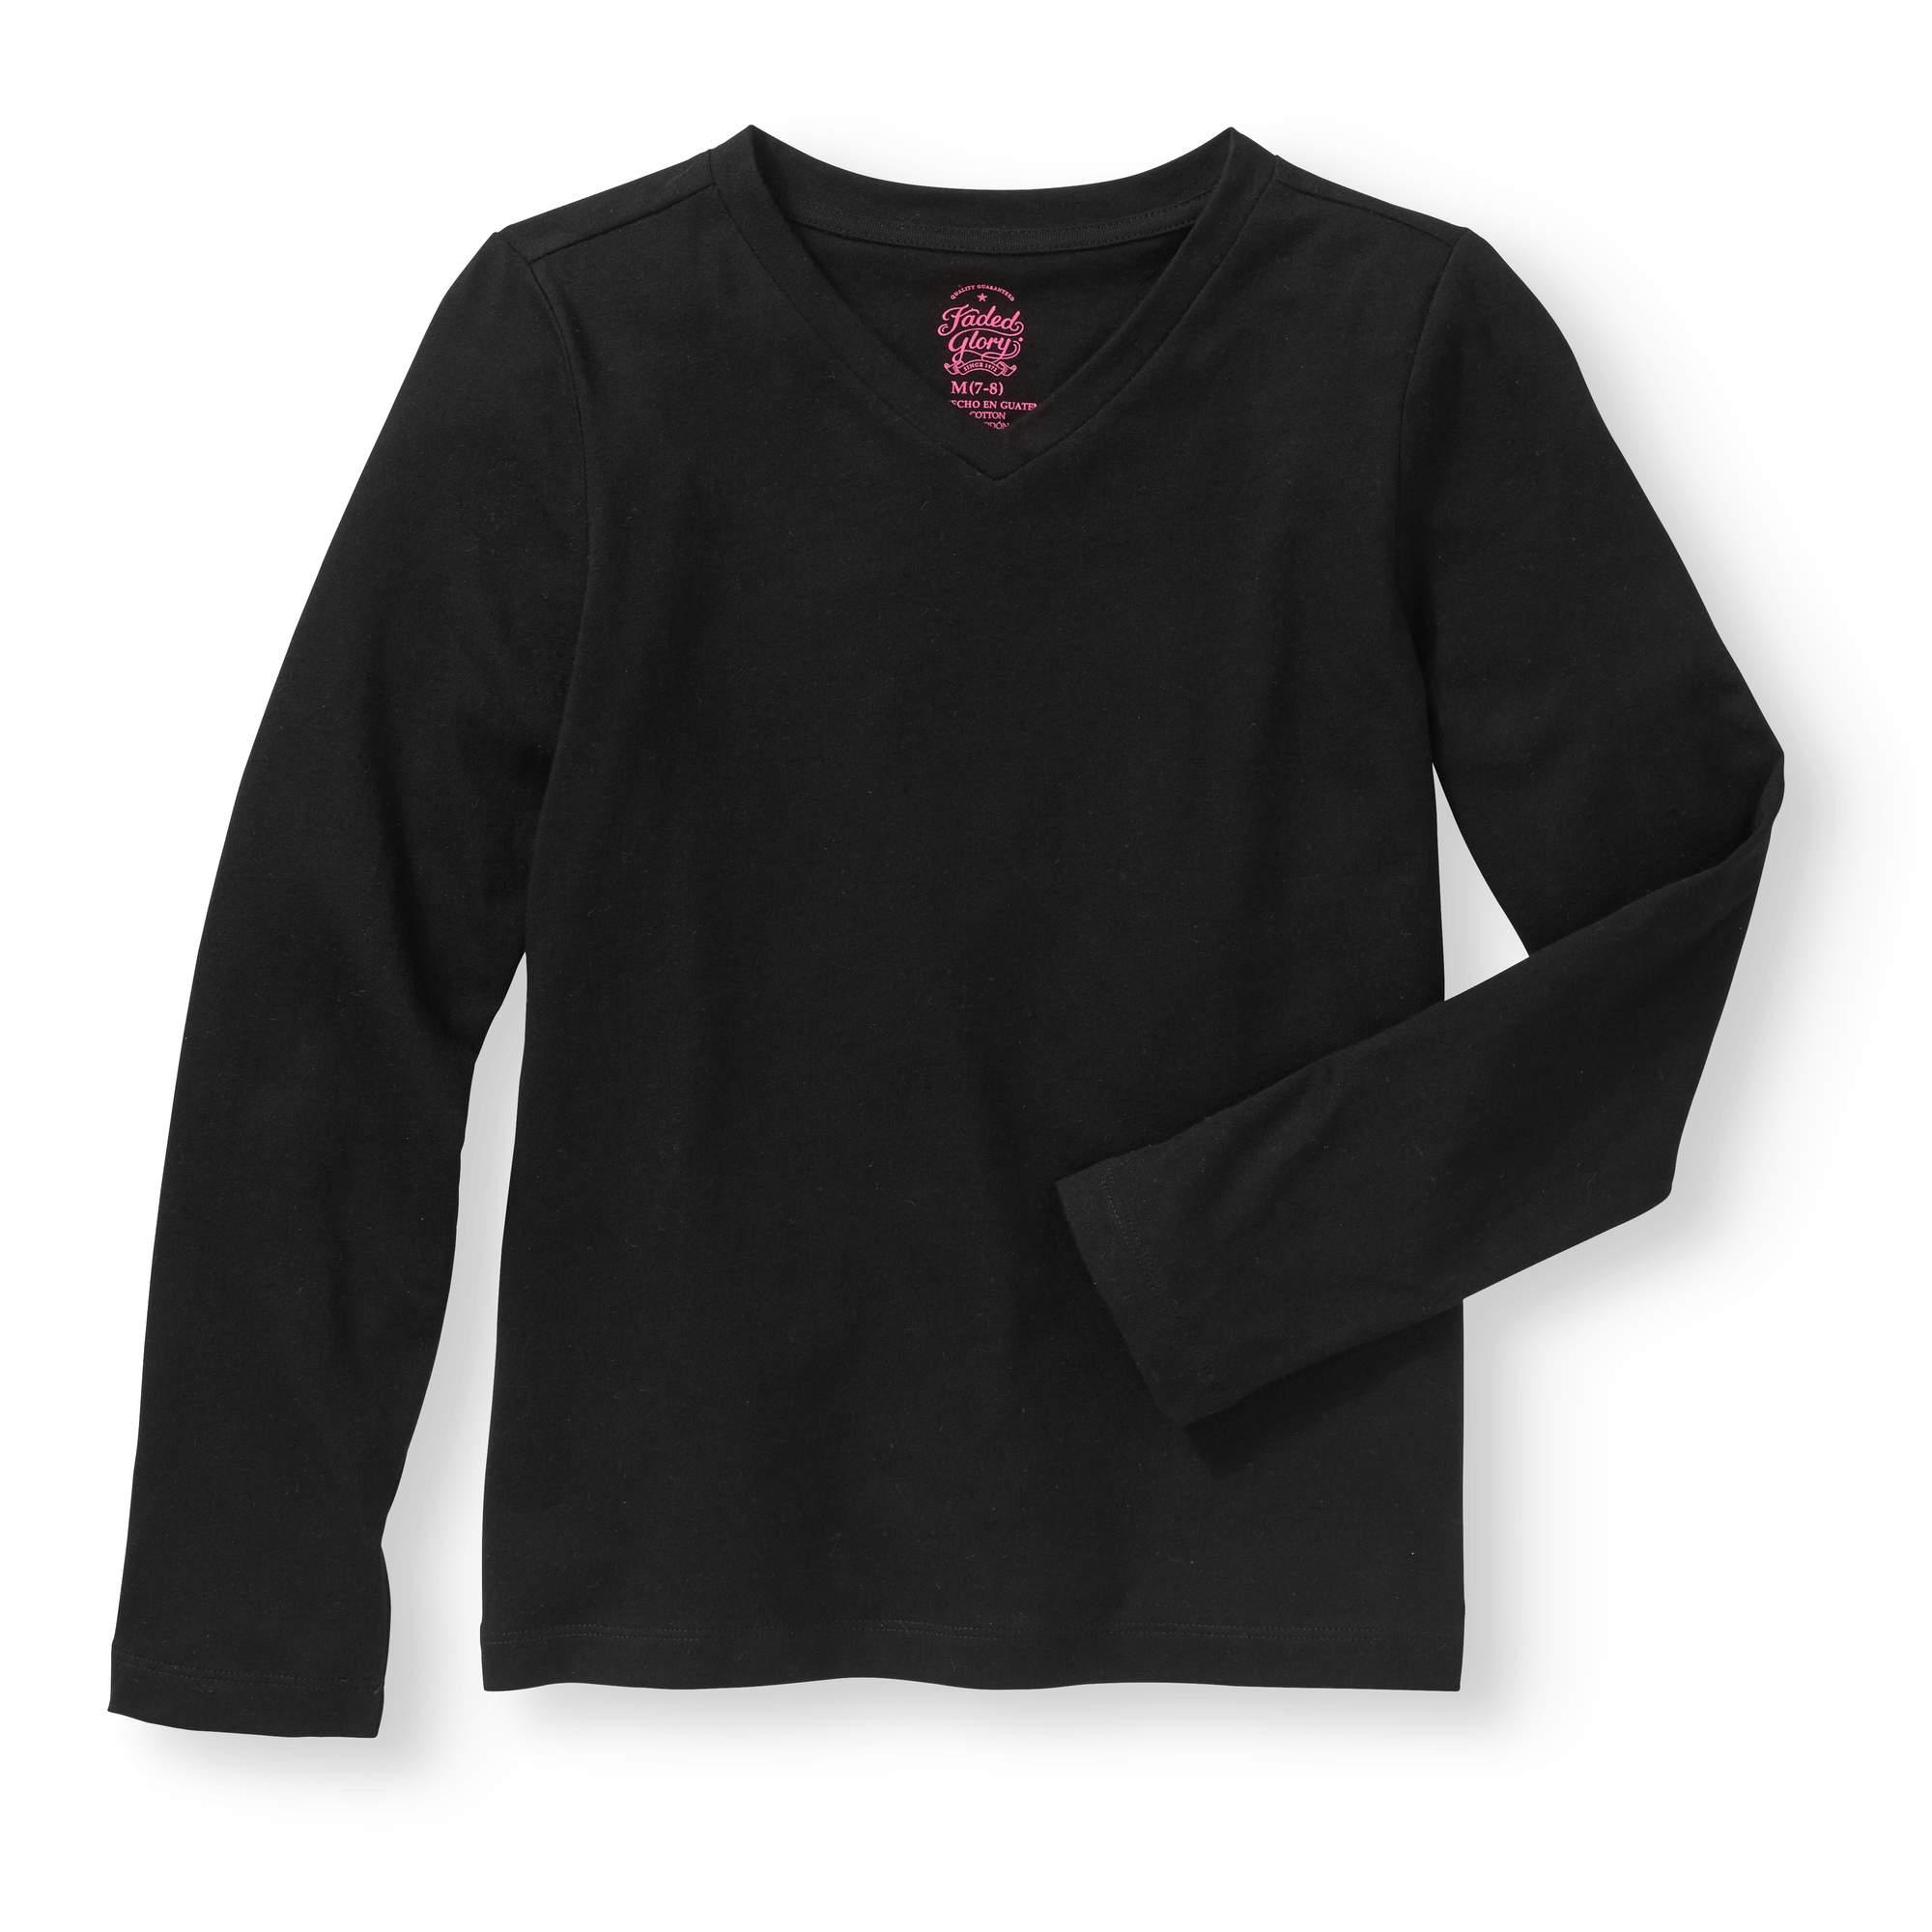 Girls' Long-Sleeve V-Neck T-Shirt